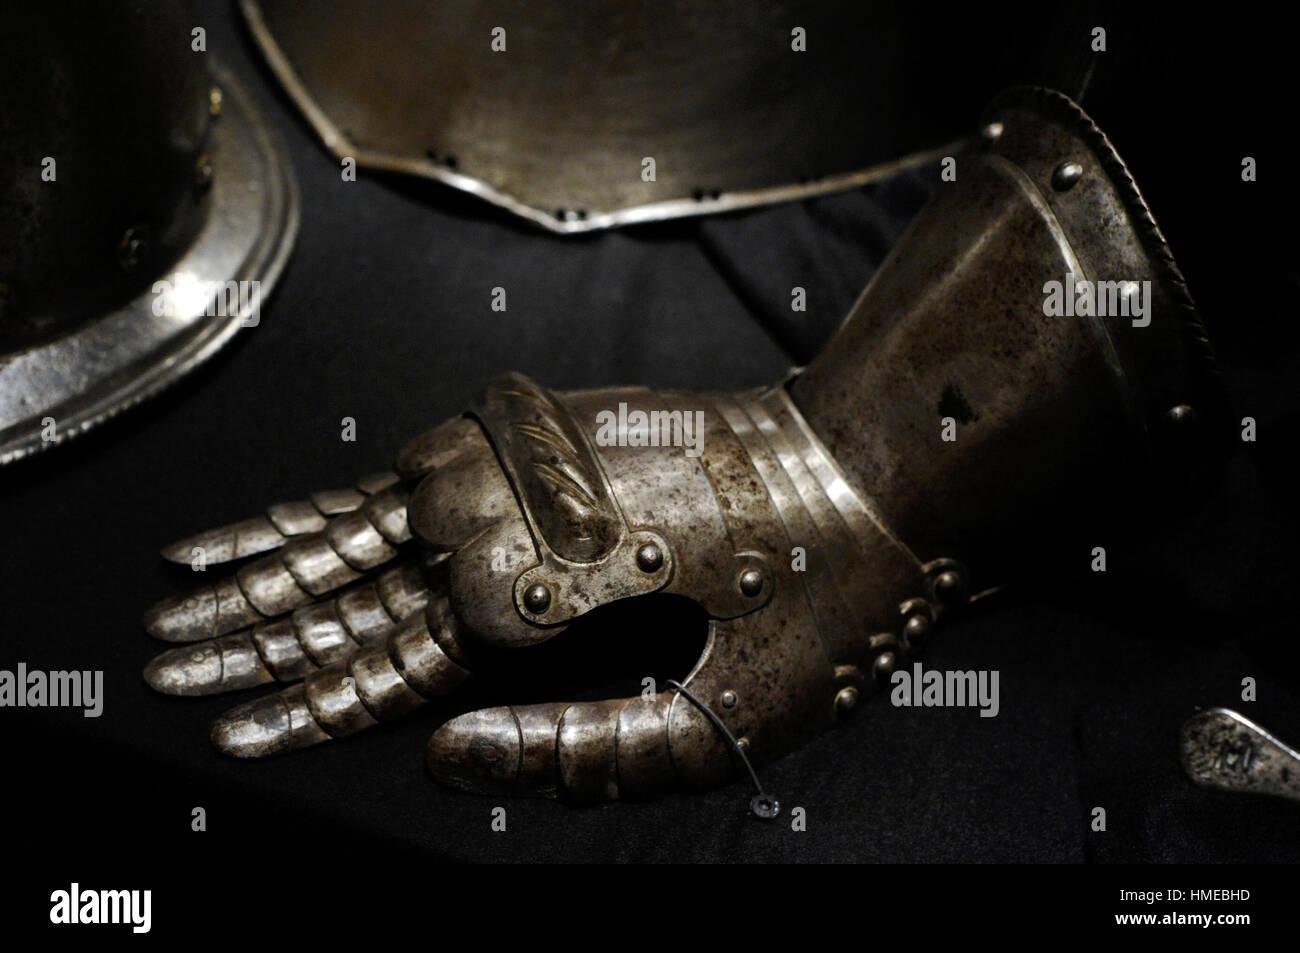 Armor. Sfida. Museo della città. Il castello di Malmo. La Svezia. Immagini Stock